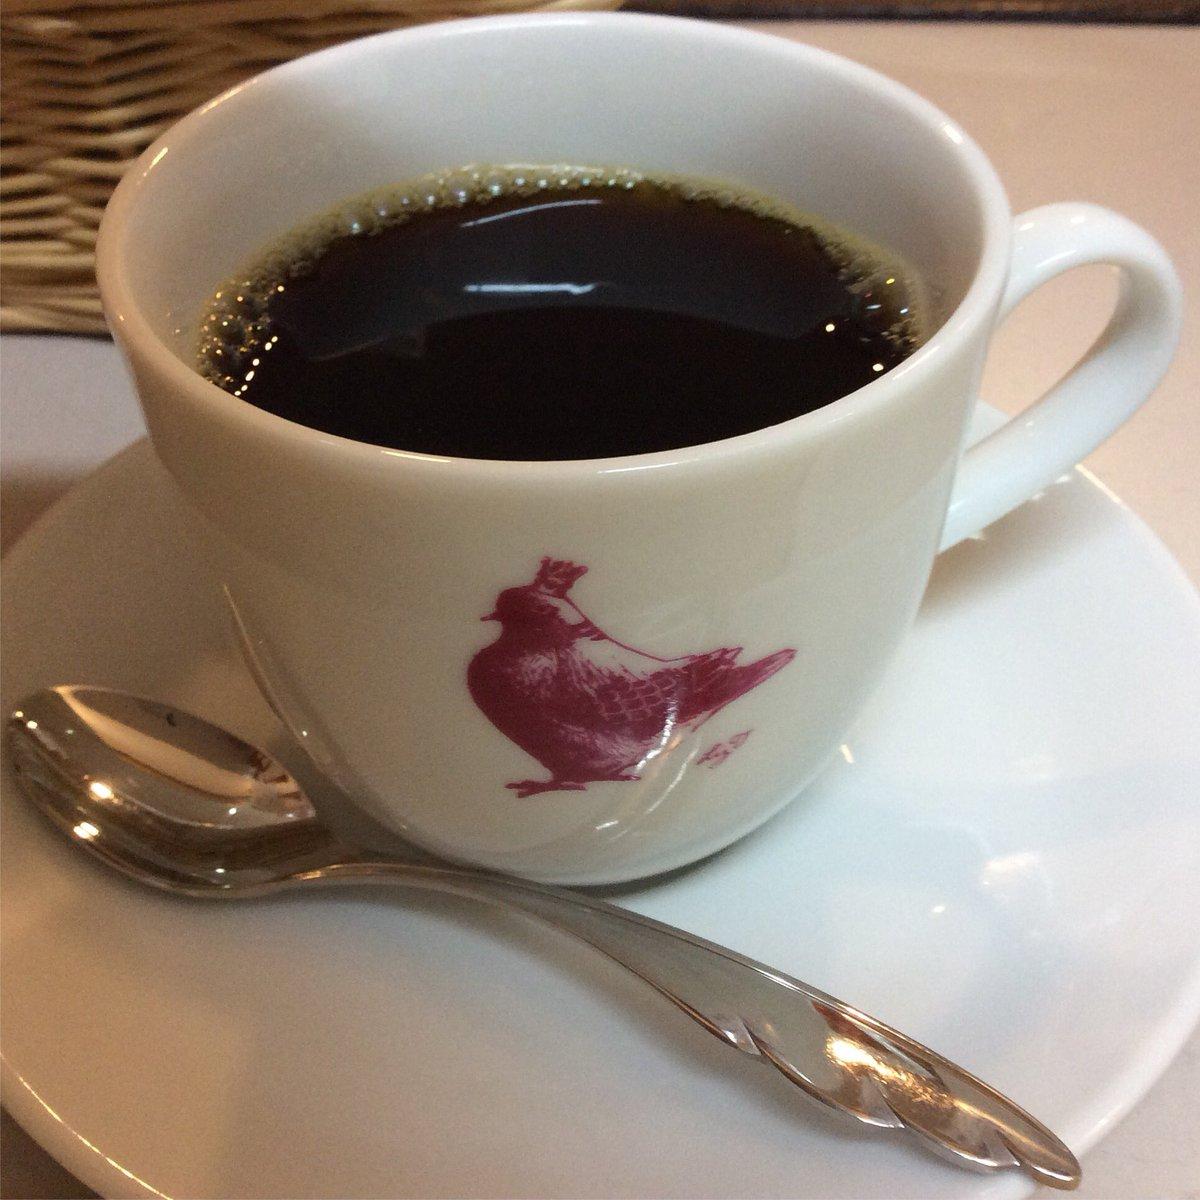 に 下げる 尿酸 コーヒー 値 を は